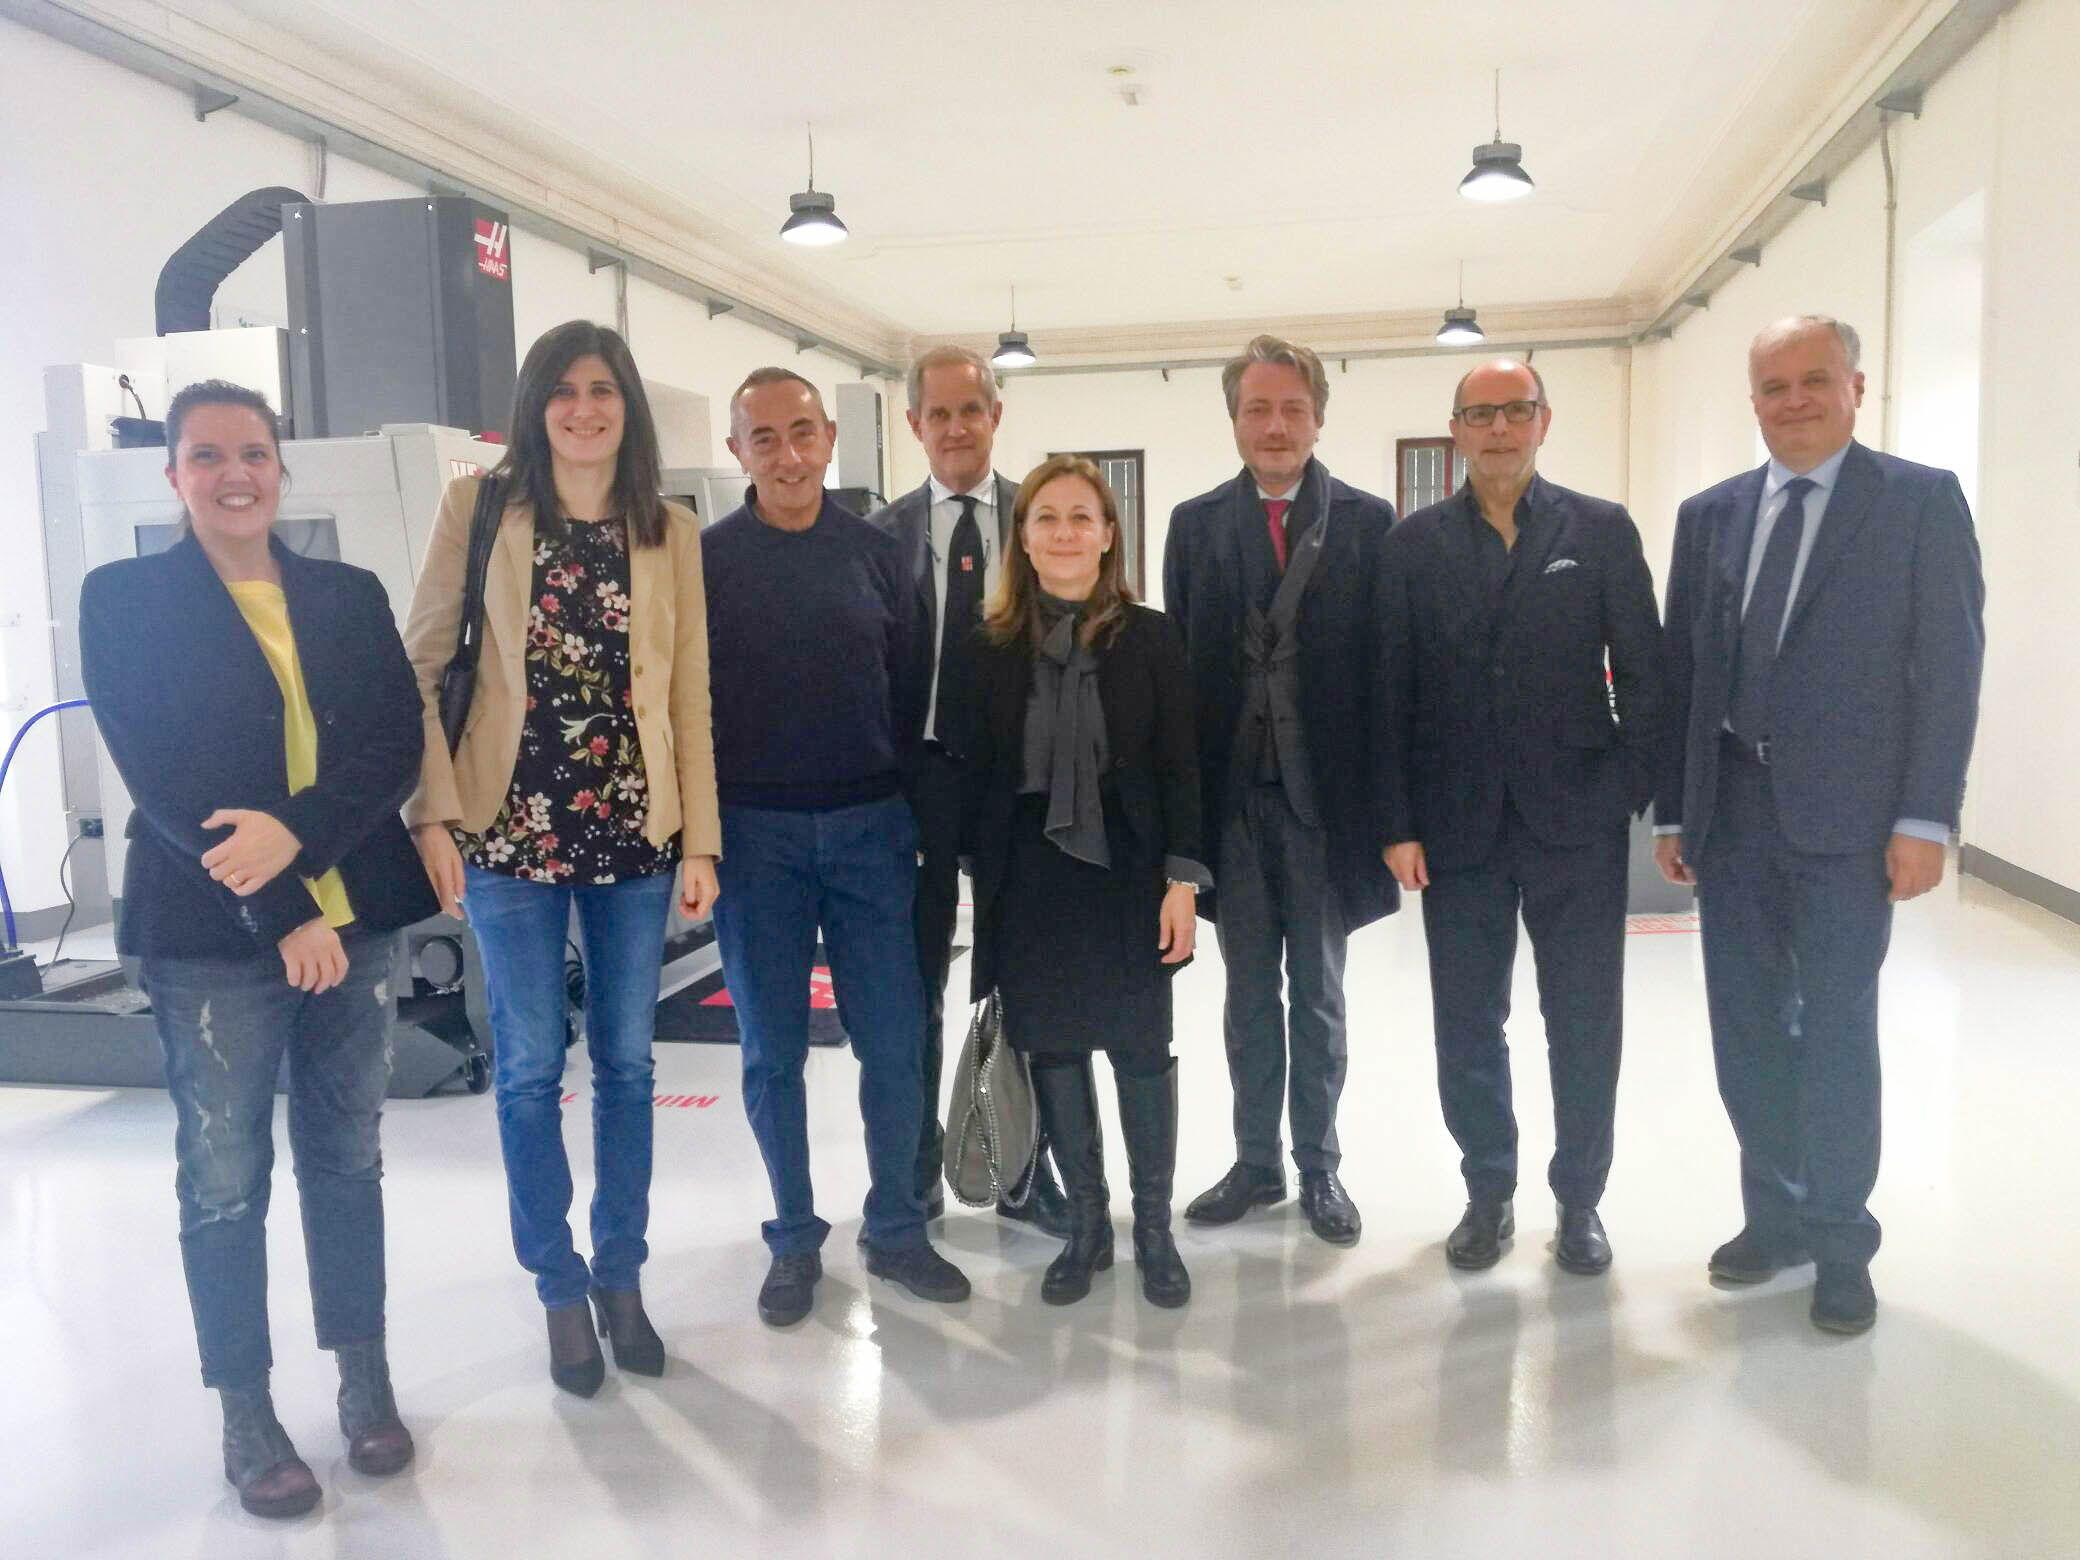 IVREA - La sindaca Appendino in visita alla sede del Ciac